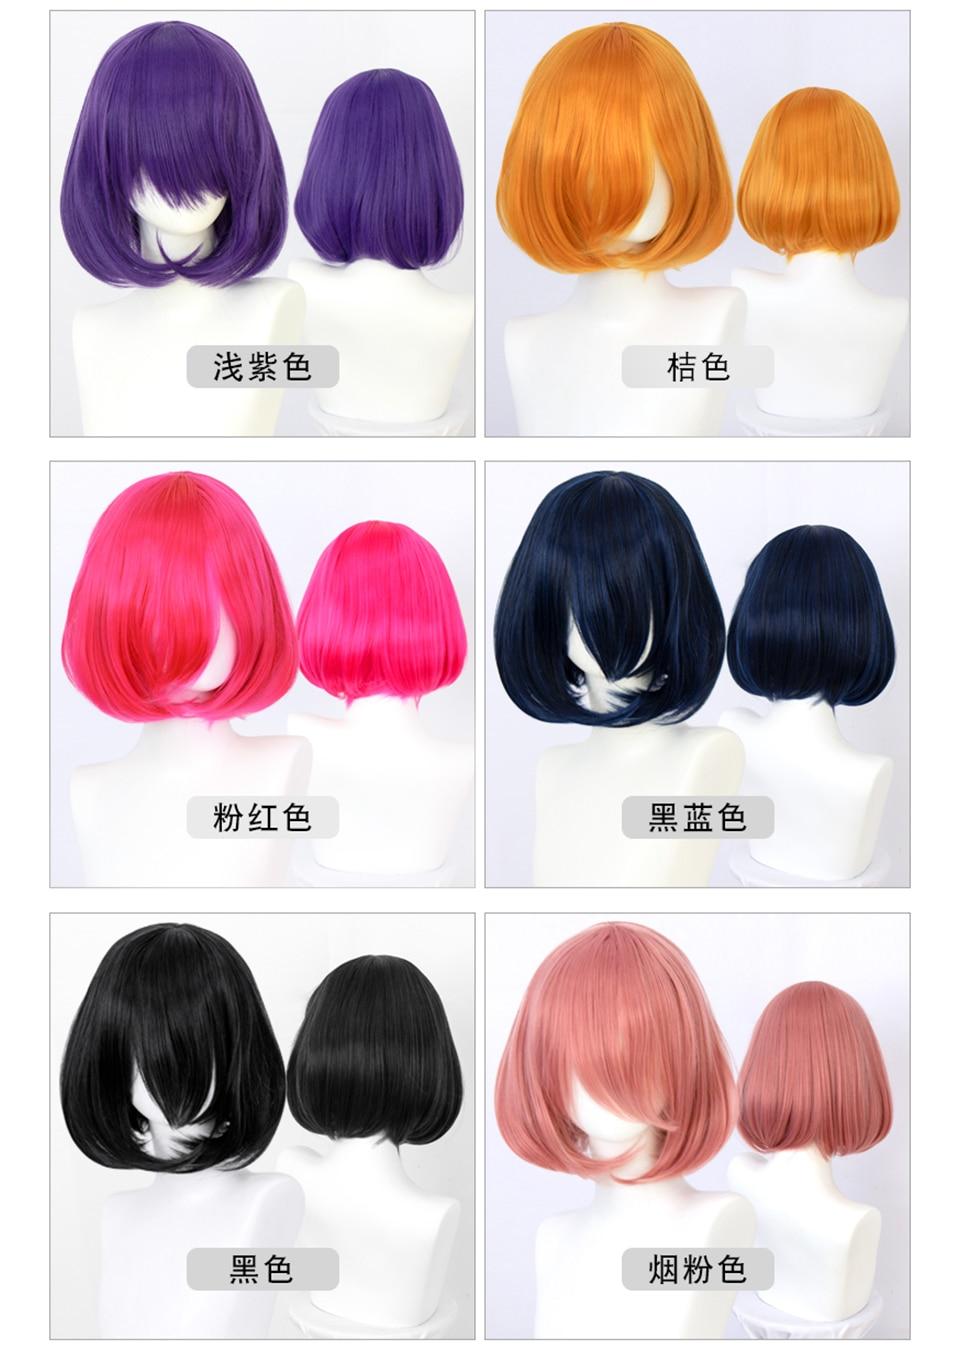 fivela com franja peruca sintética ombre 23